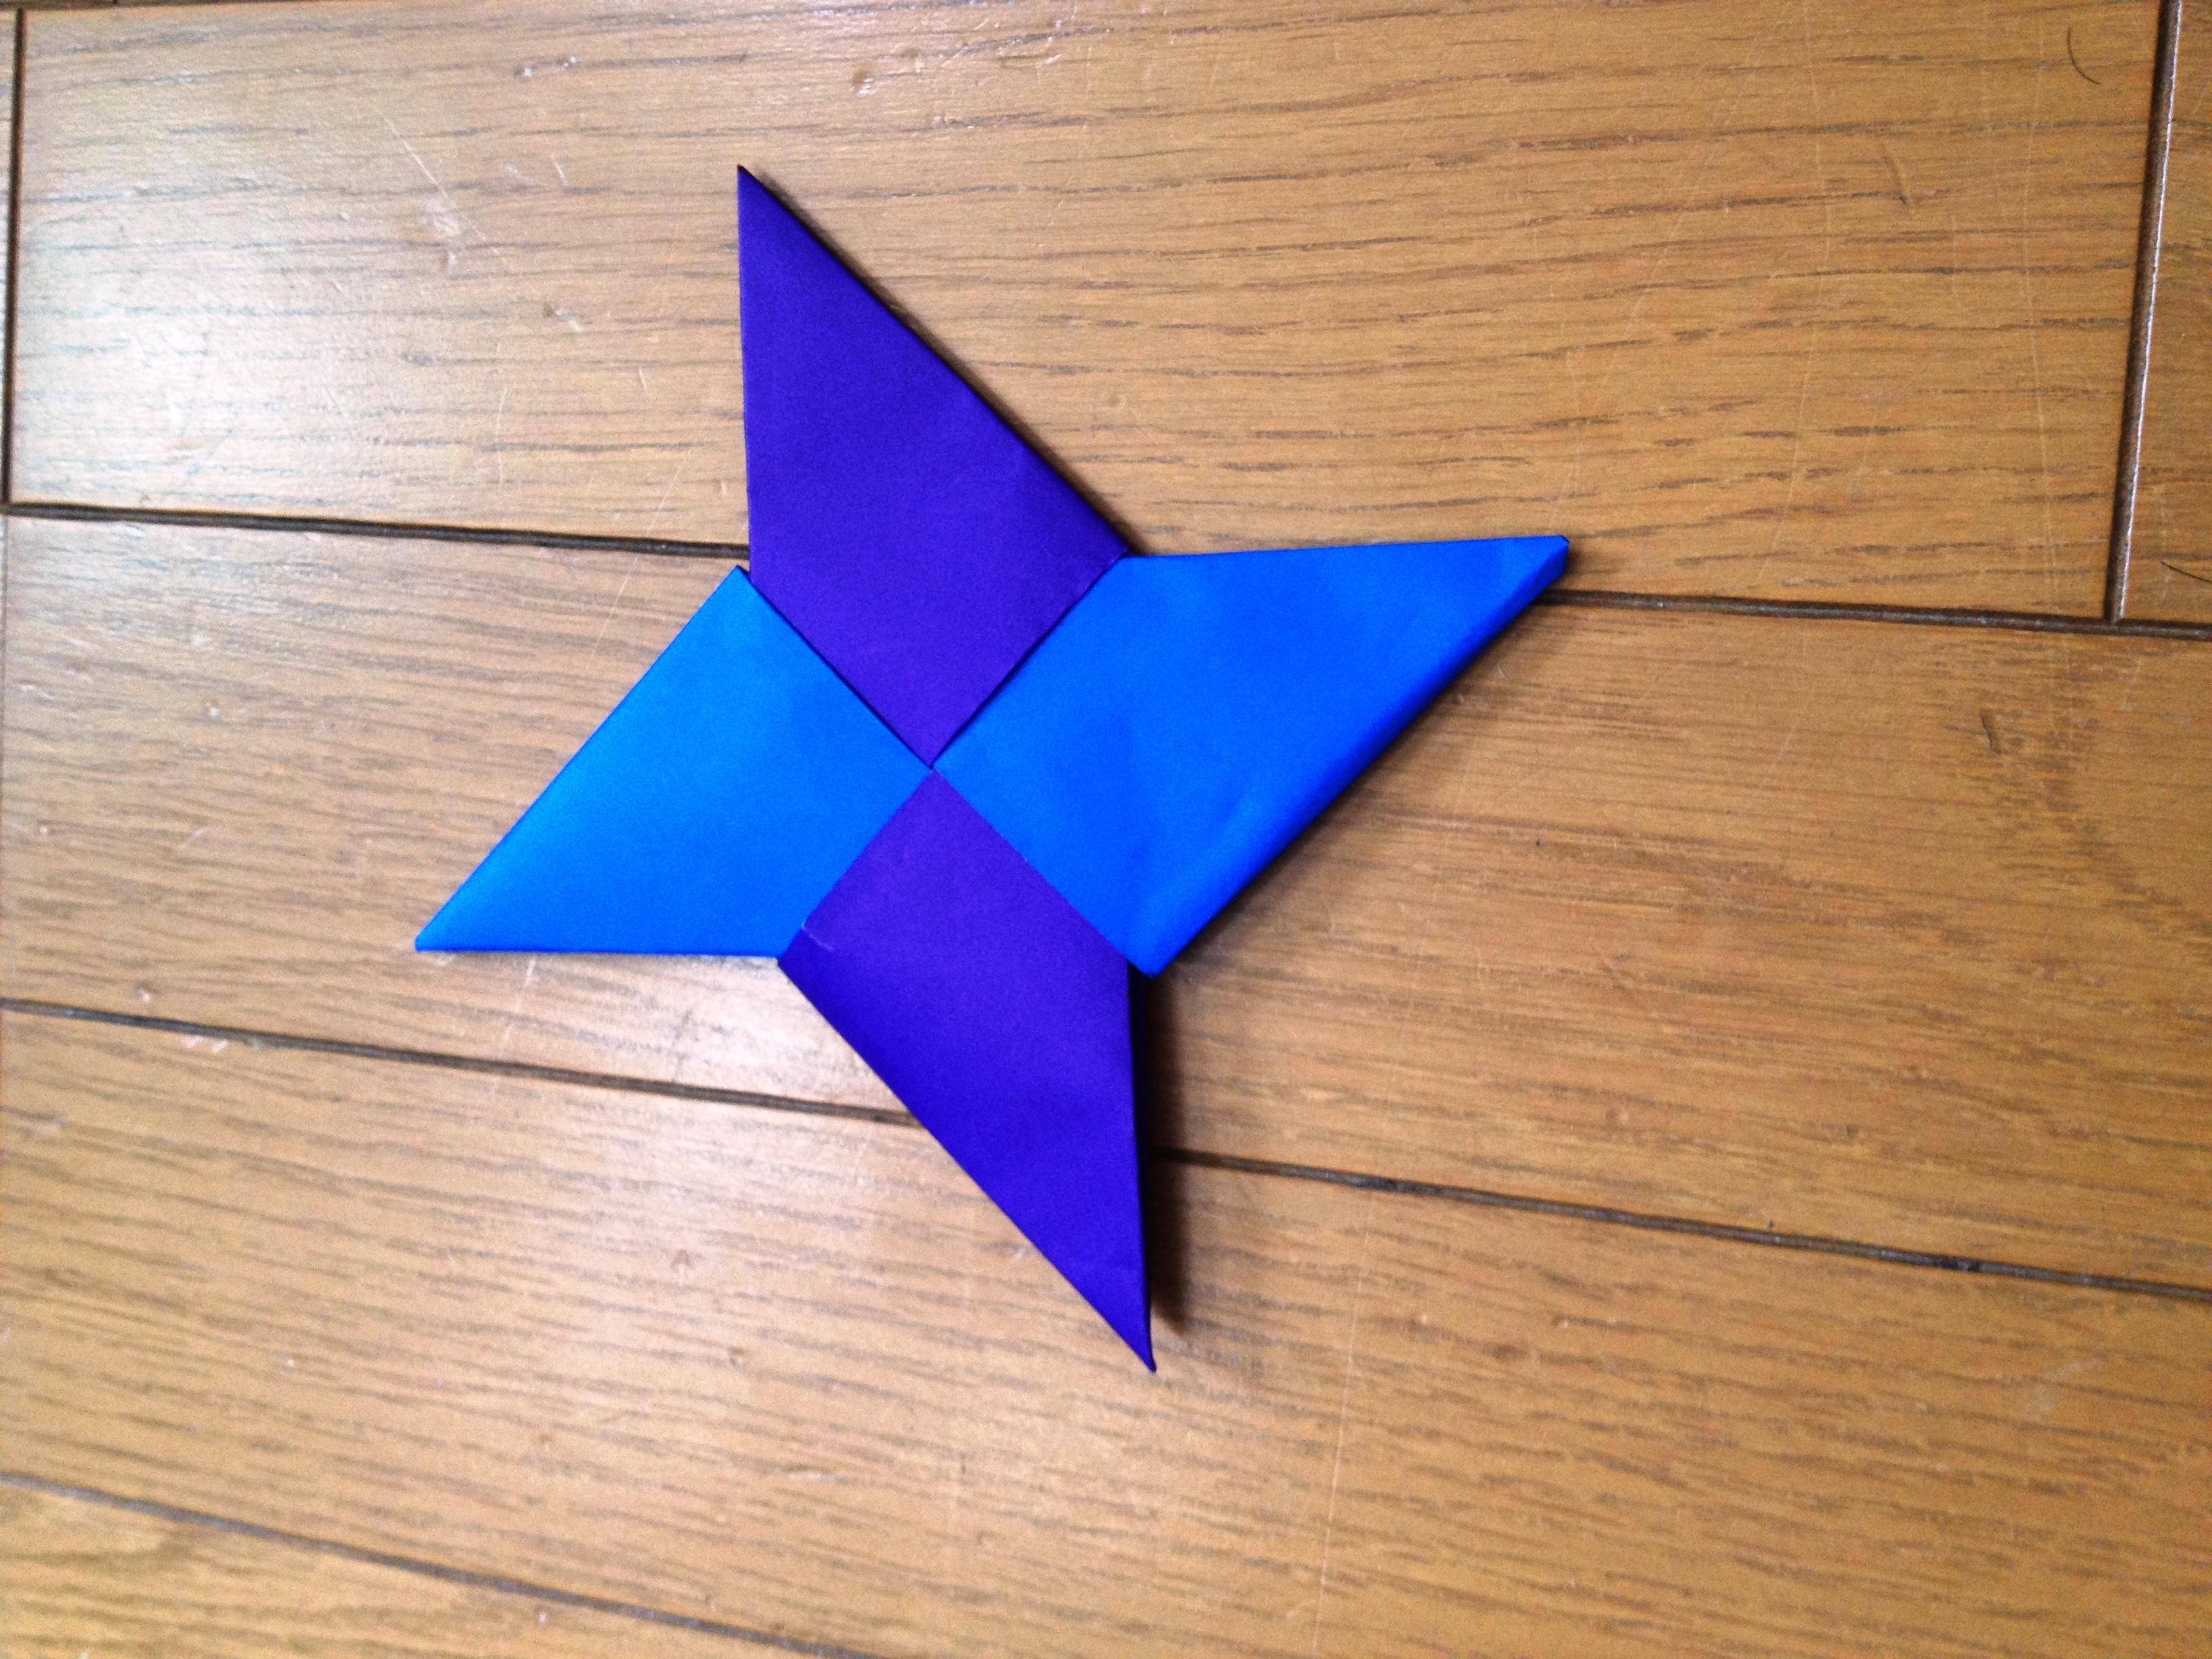 すべての折り紙 ユニット折り紙多面体折り方 : ... 簡単に折れる折り紙の折り方